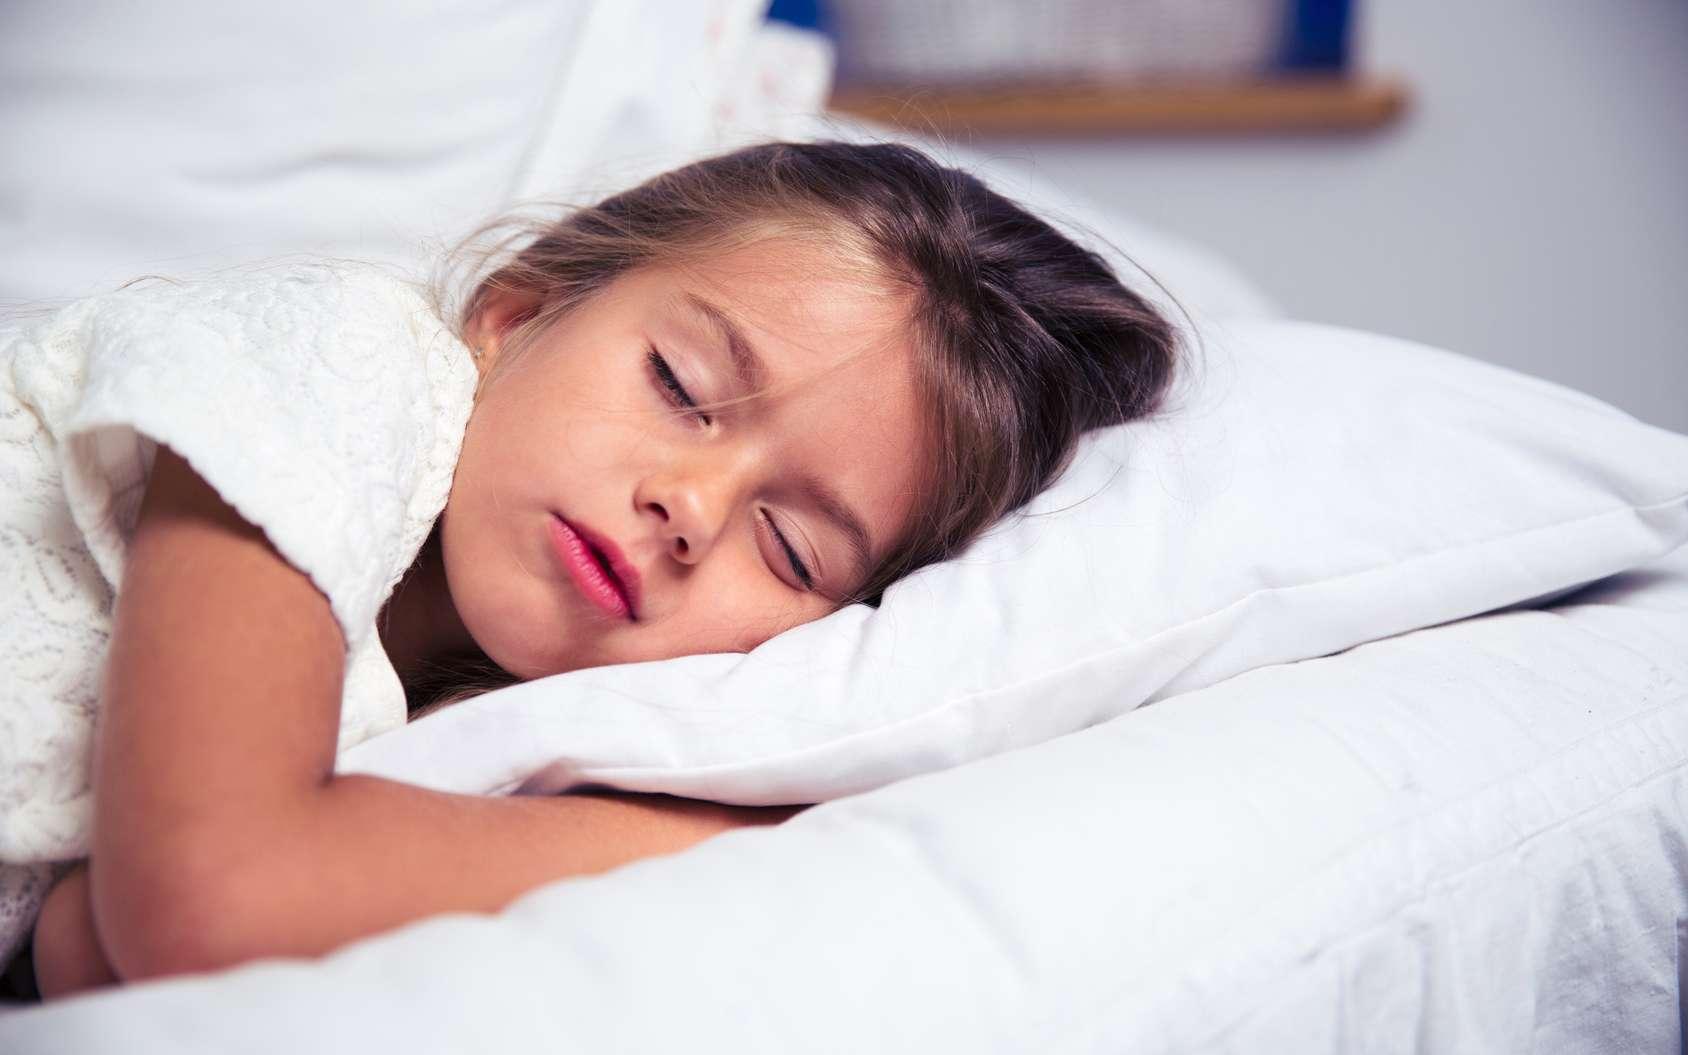 À quelle heure les enfants doivent-ils se coucher ? © Drobot Dean, fotolia